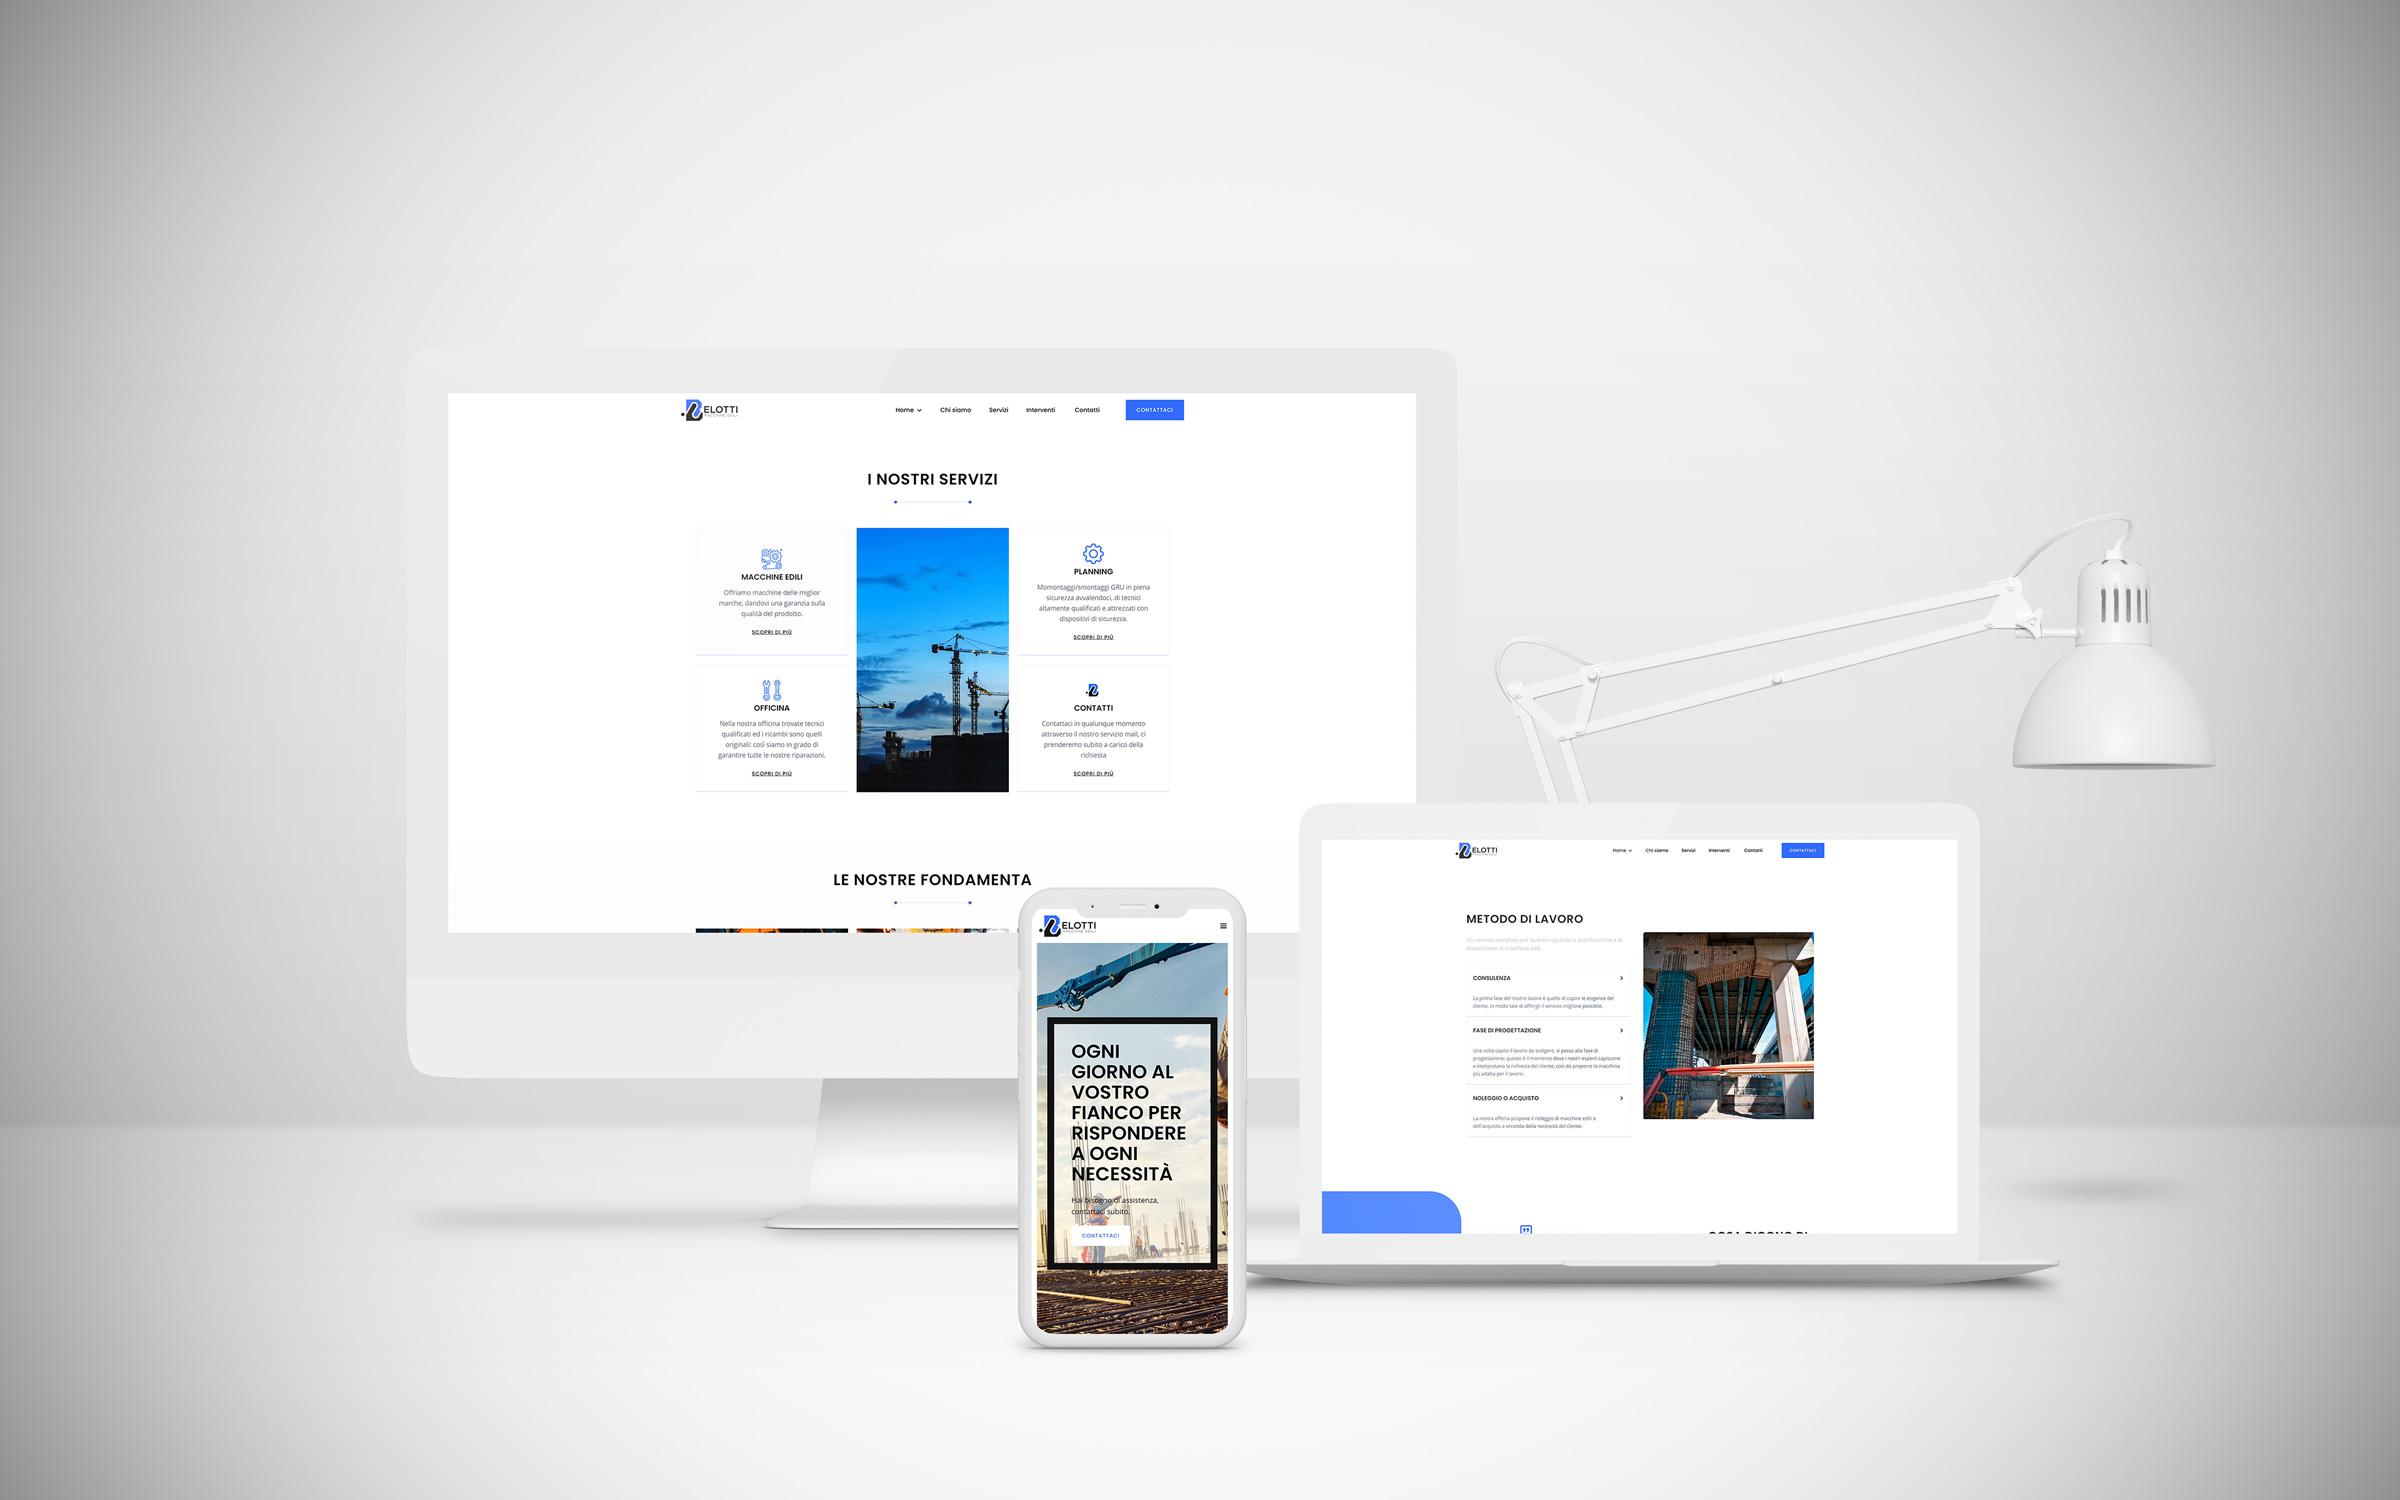 Alberto Quistini, Web design, Belotti macchine edili